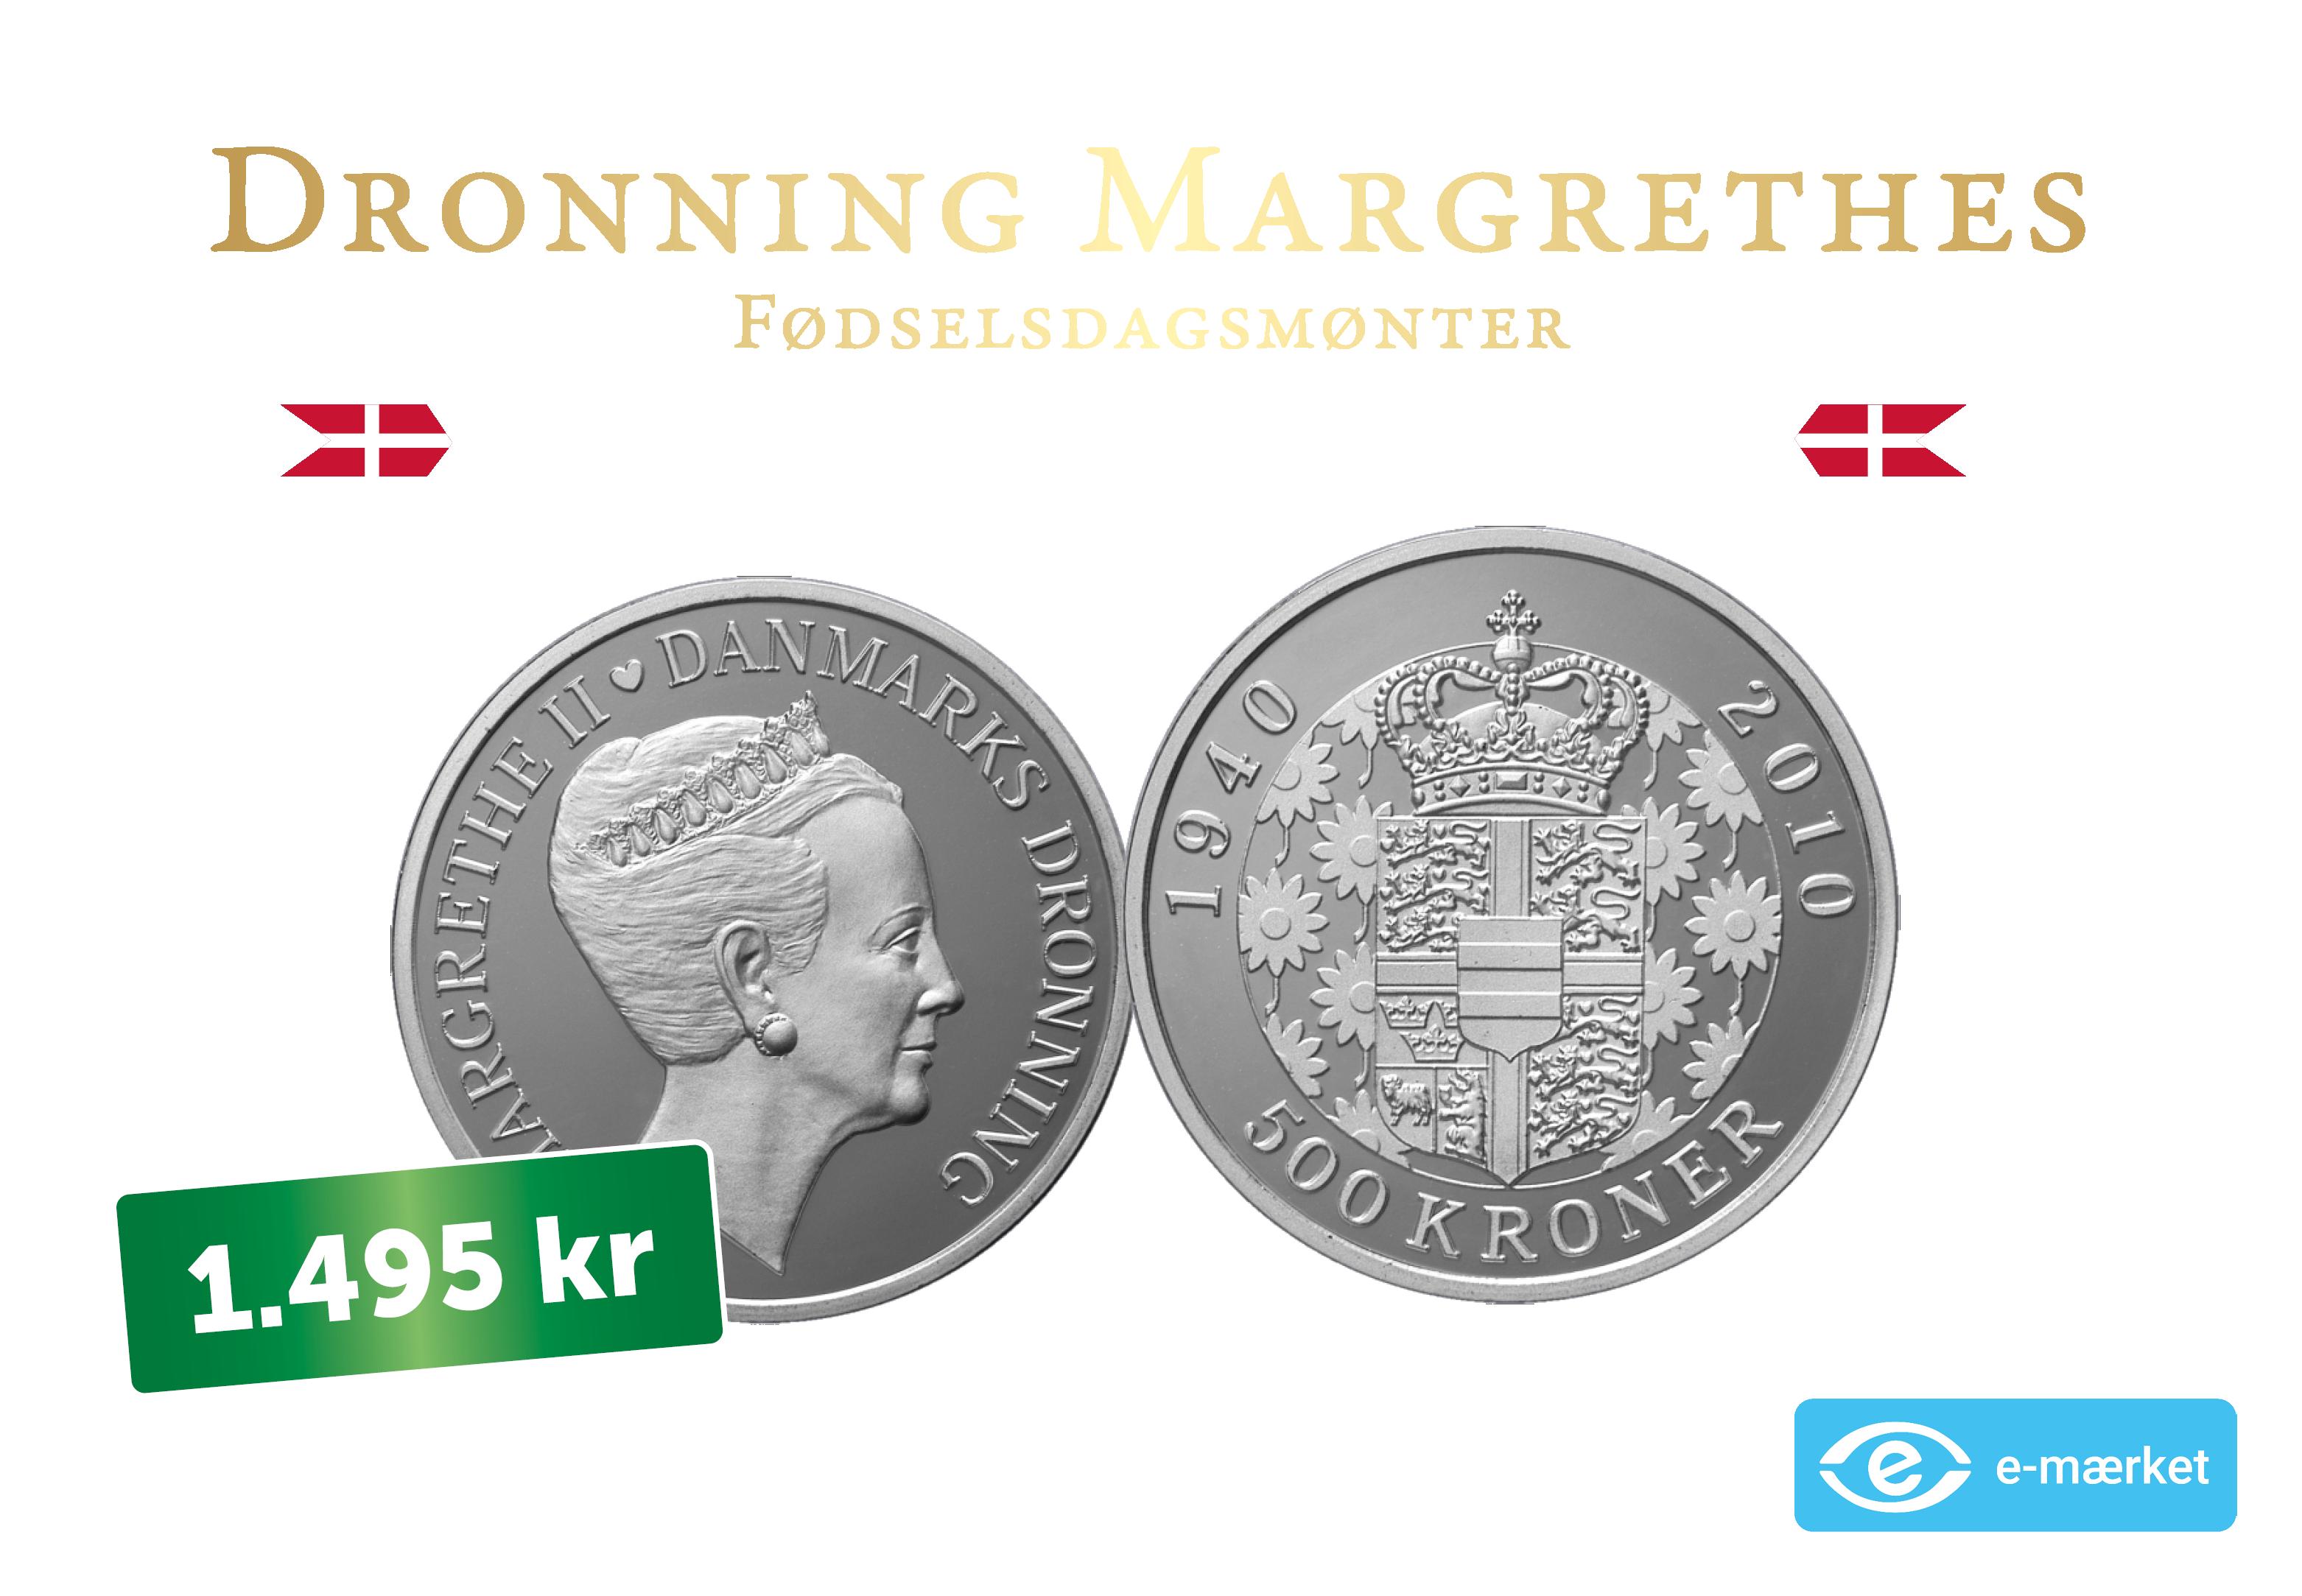 Dronning Margrethe II's 70-års fødselsdag, 2010